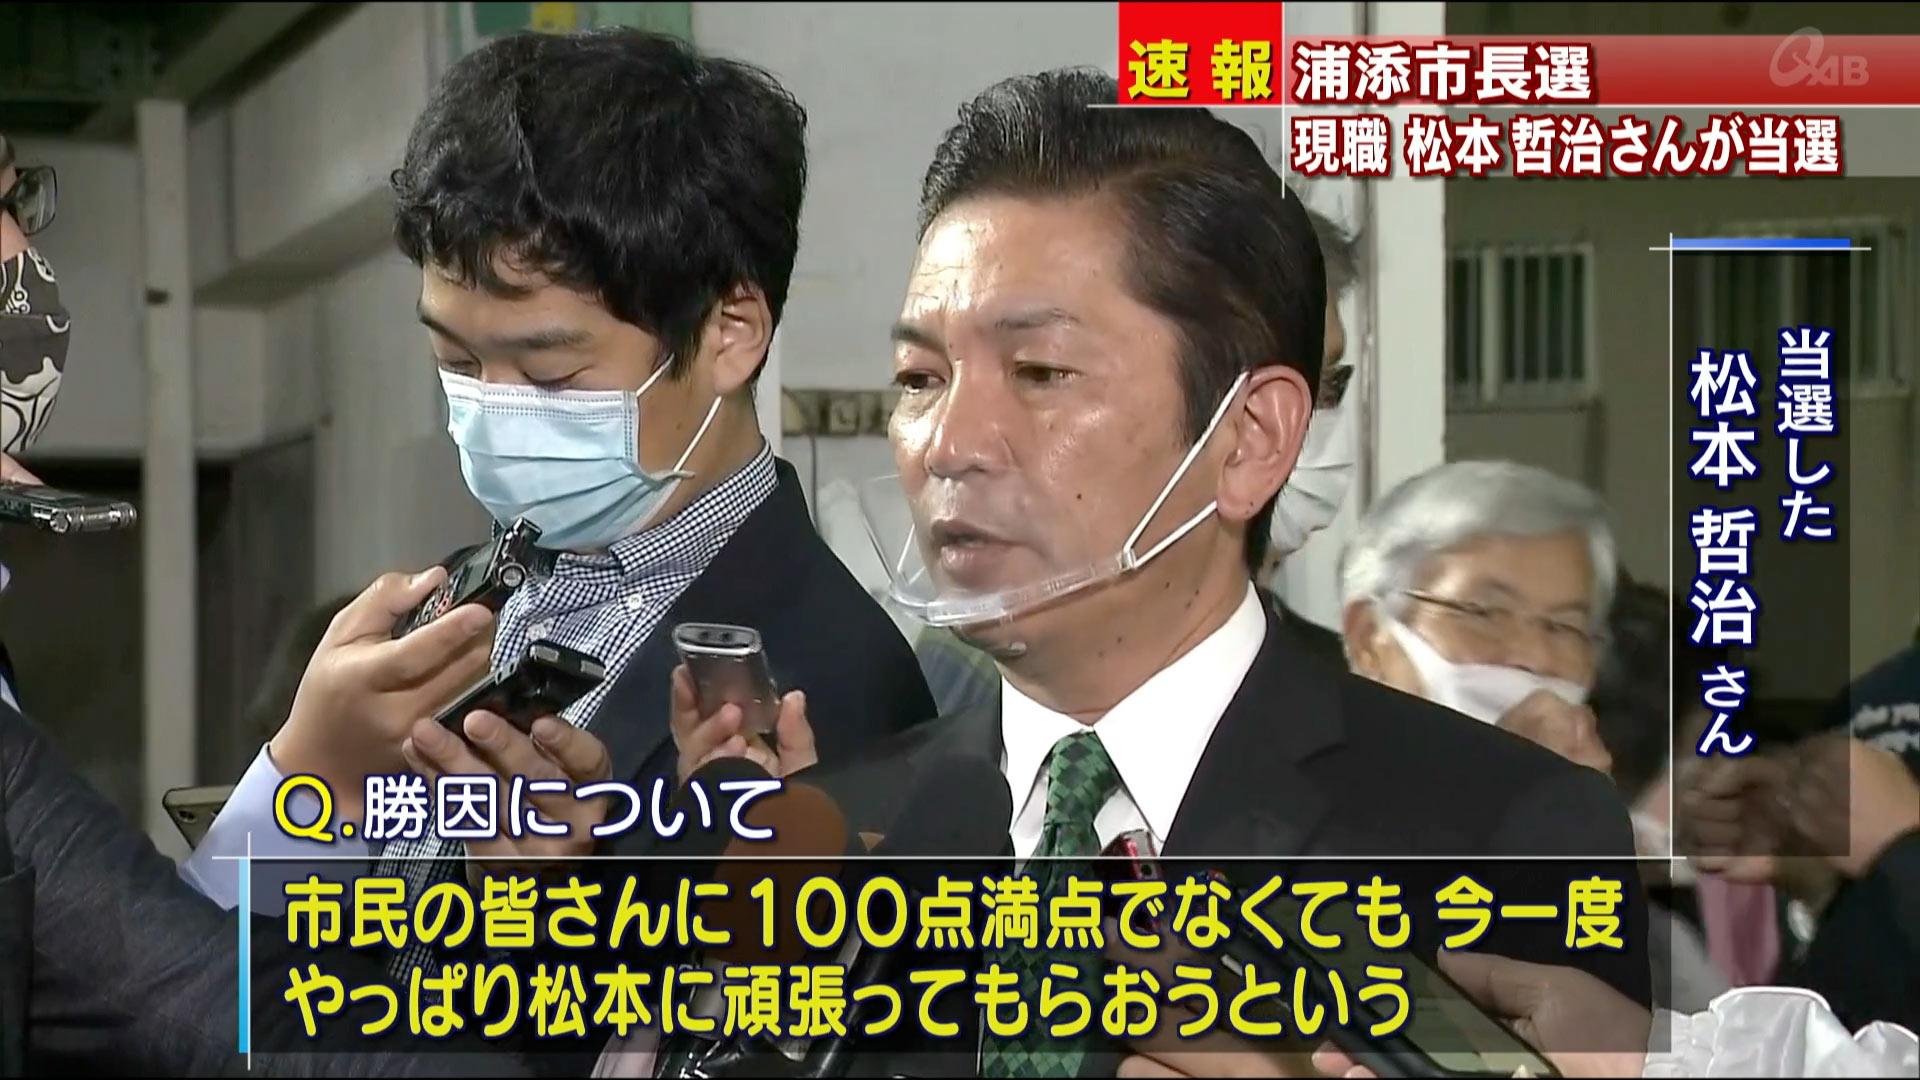 しちょう うら 速報 そえ せん 浦添市長3選果たした松本さん、「最高の結果」と笑顔 「ワンチーム」を形に